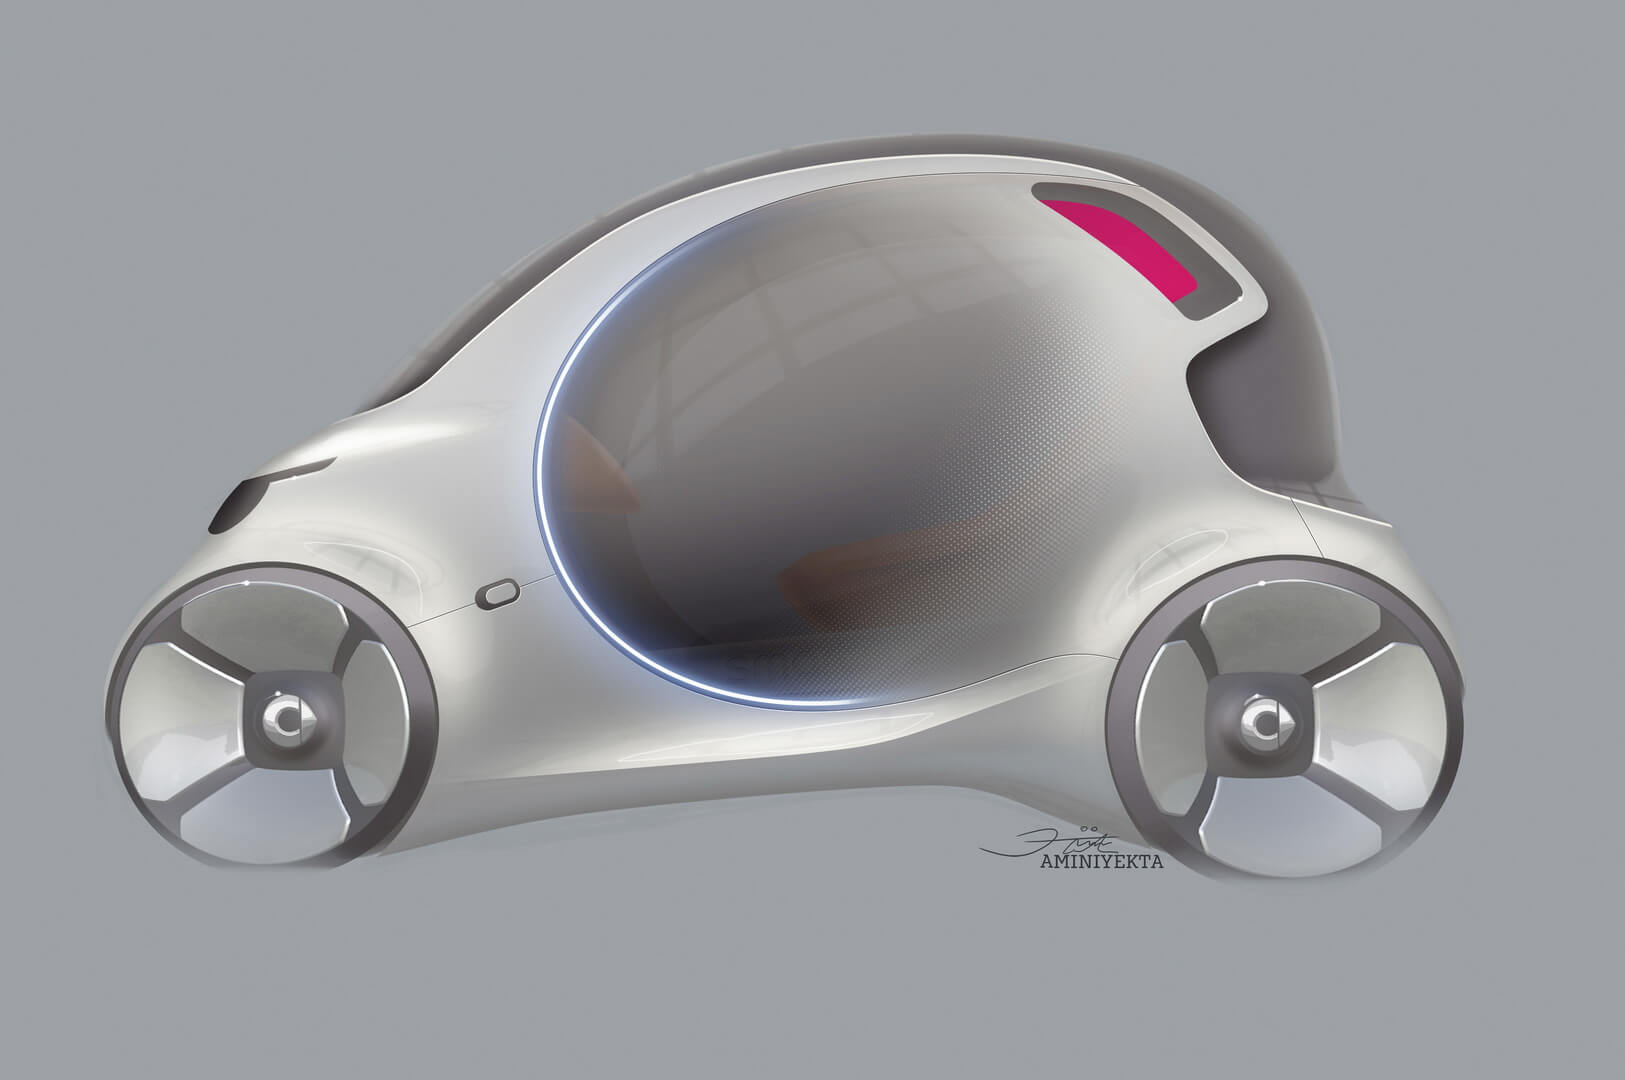 Дизайн концепта Smart Vision EQ fortwo